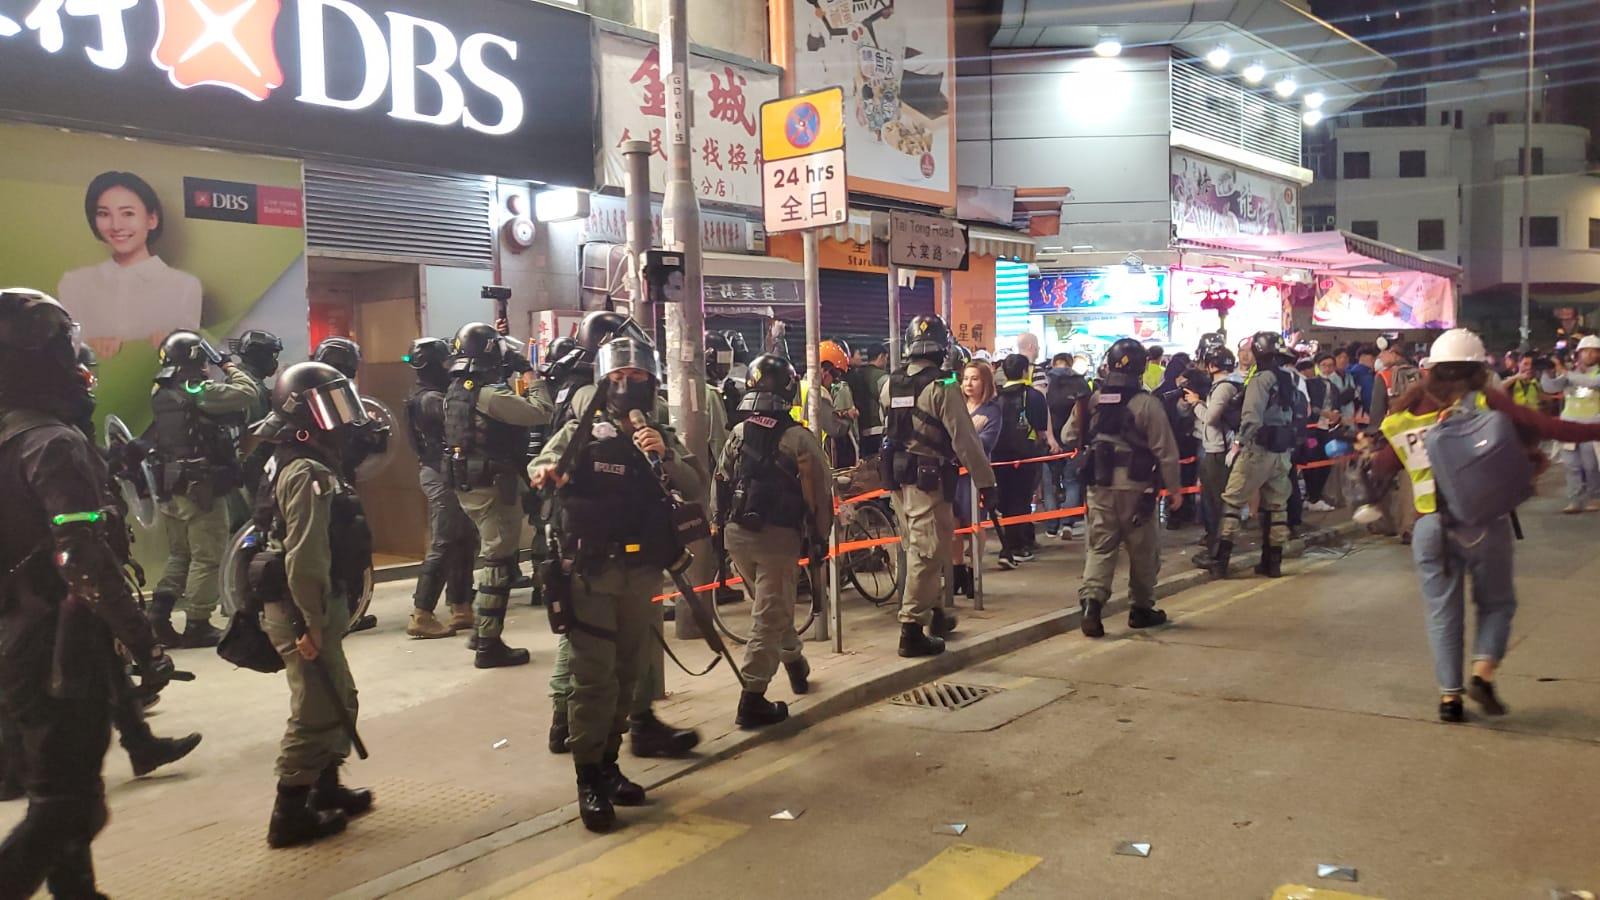 【修例風波】防暴警元朗大馬路舉藍旗 截查多人拘兩人